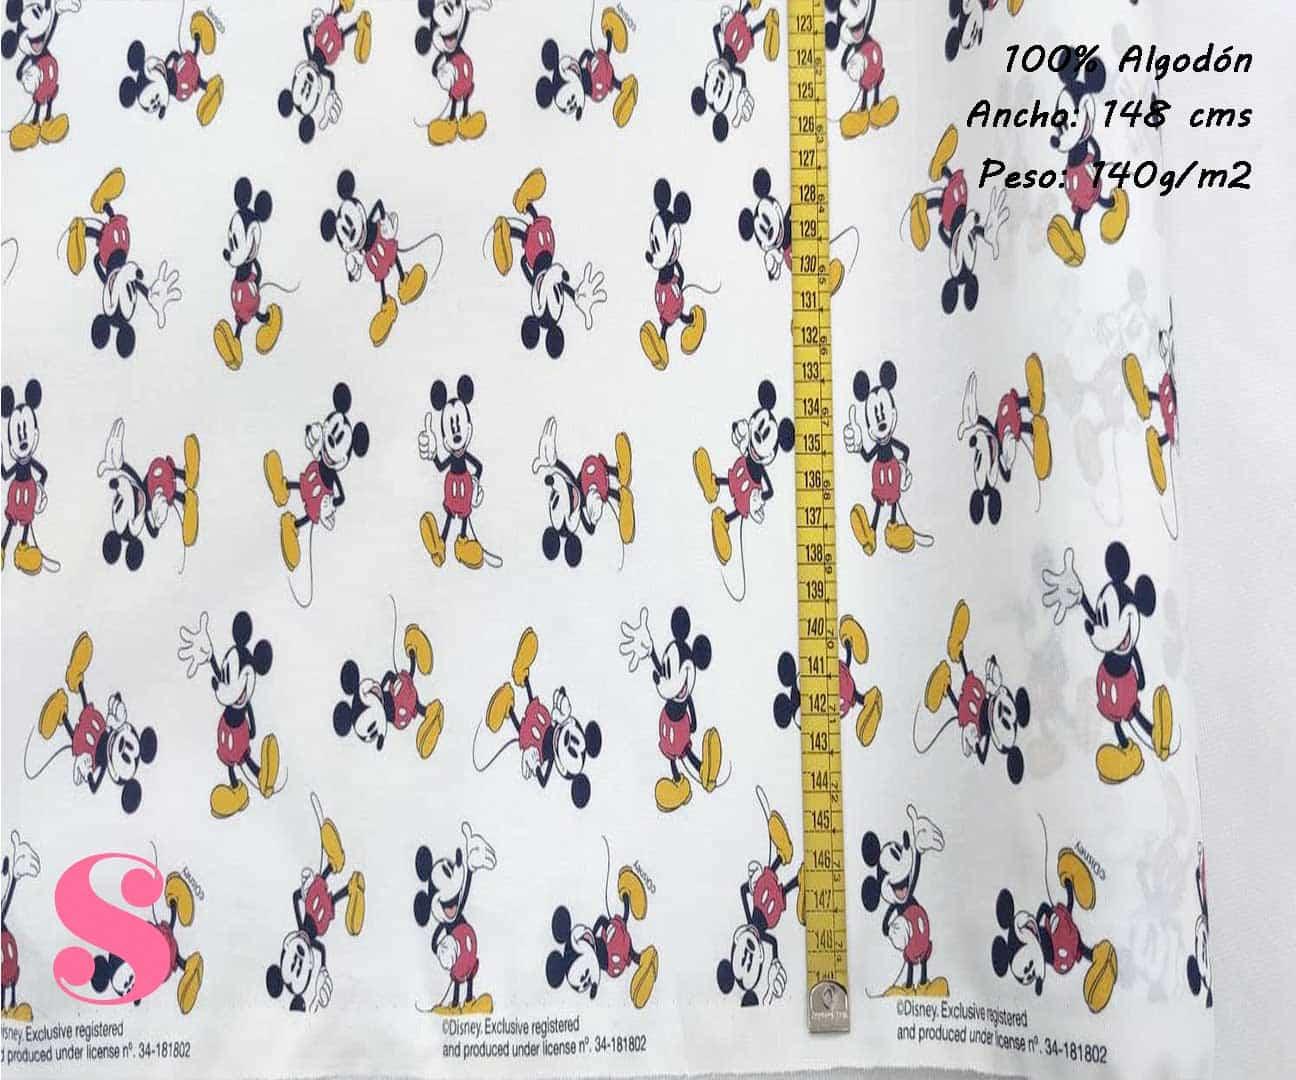 152-mickey-mouse-disney-tejidos-estampado-popelin,Tejido Estampado Disney Mickey Mouse